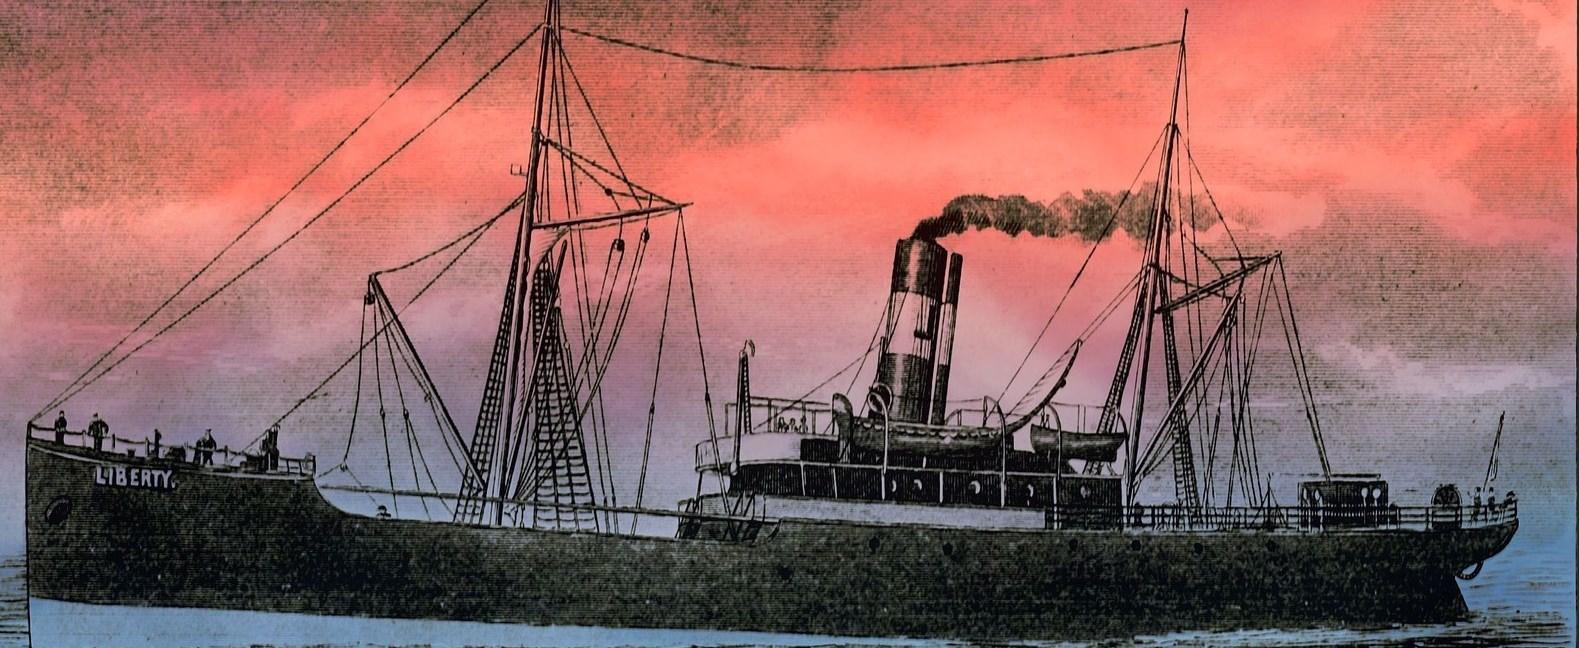 David Robinson Writes: On Nautical Publishing